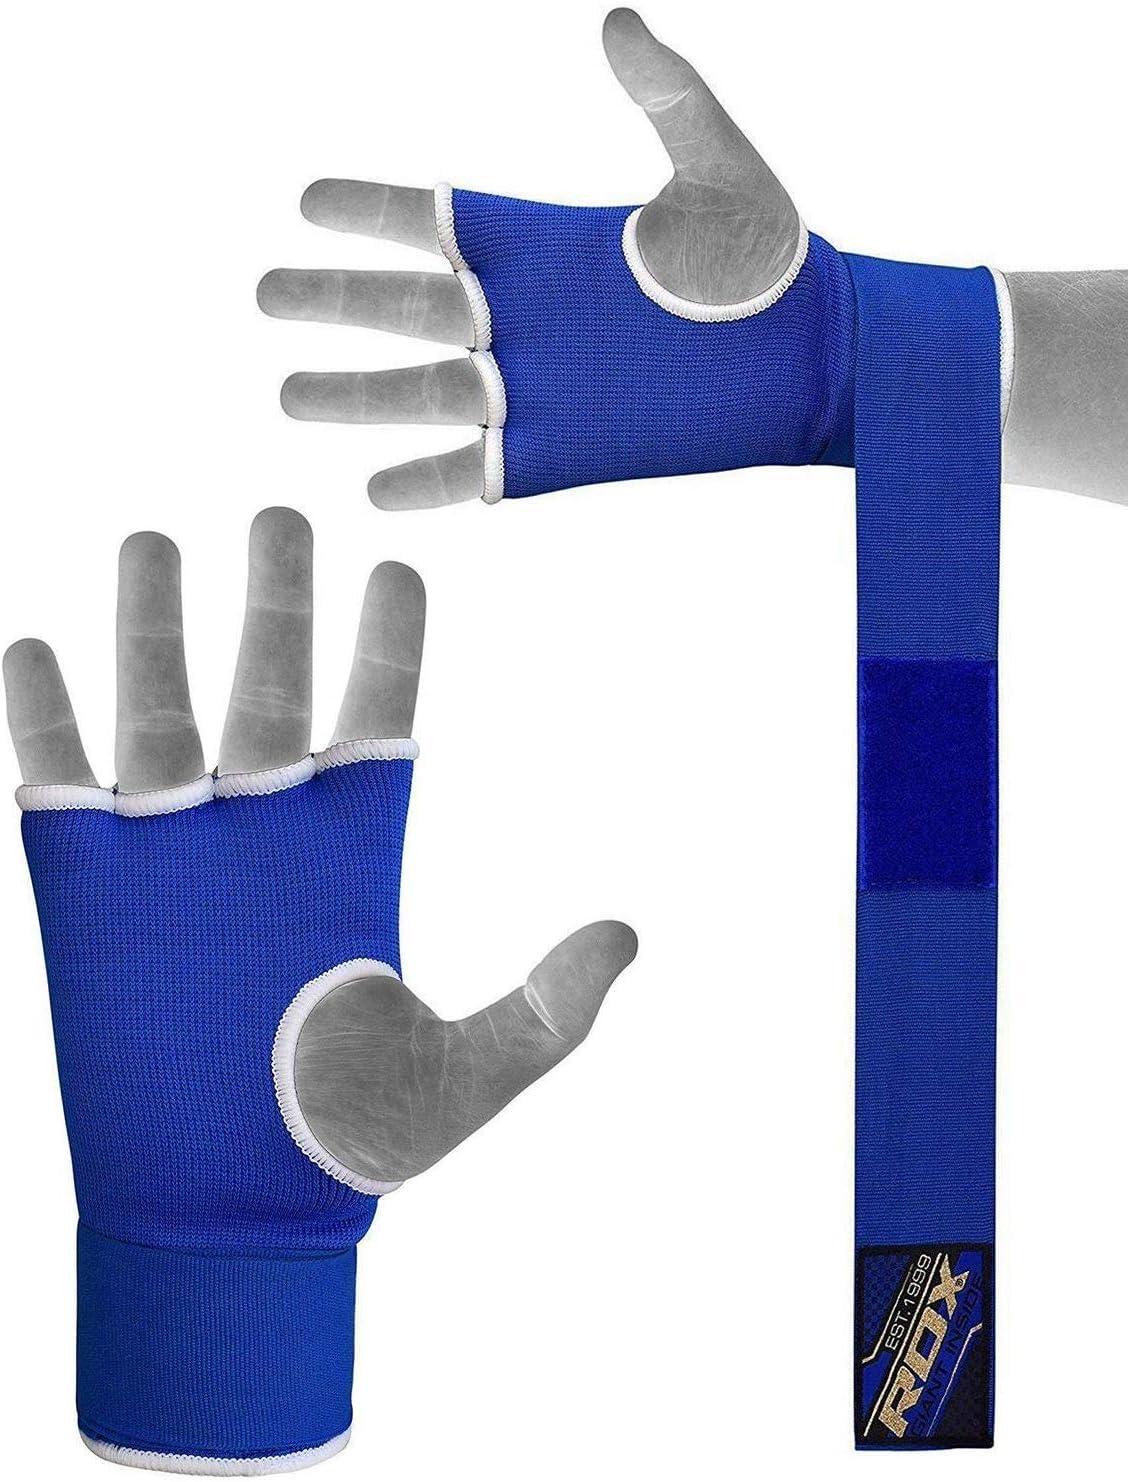 Lisaro Gr L Neu Boxen Elastisch Innenhandschuhe MMA Boxbandagen Handschuhe ohne Daumen mit Polsterung